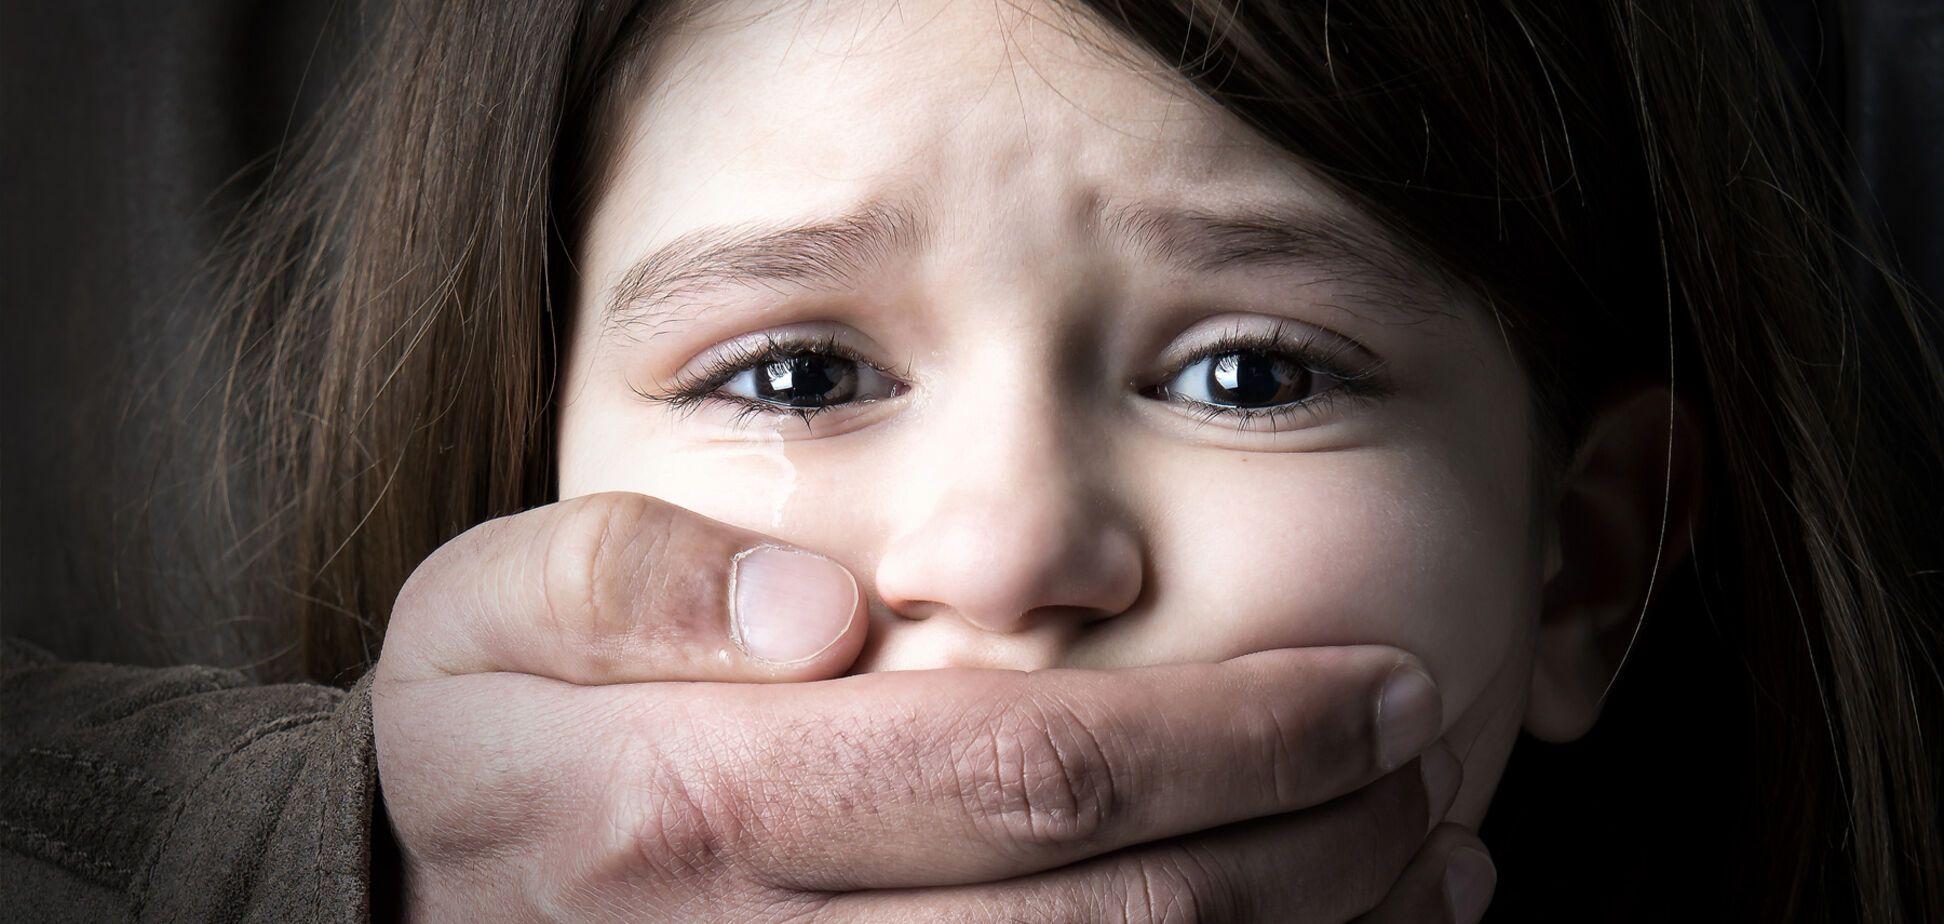 Как защитить своего ребенка от похищения: простые советы родителям